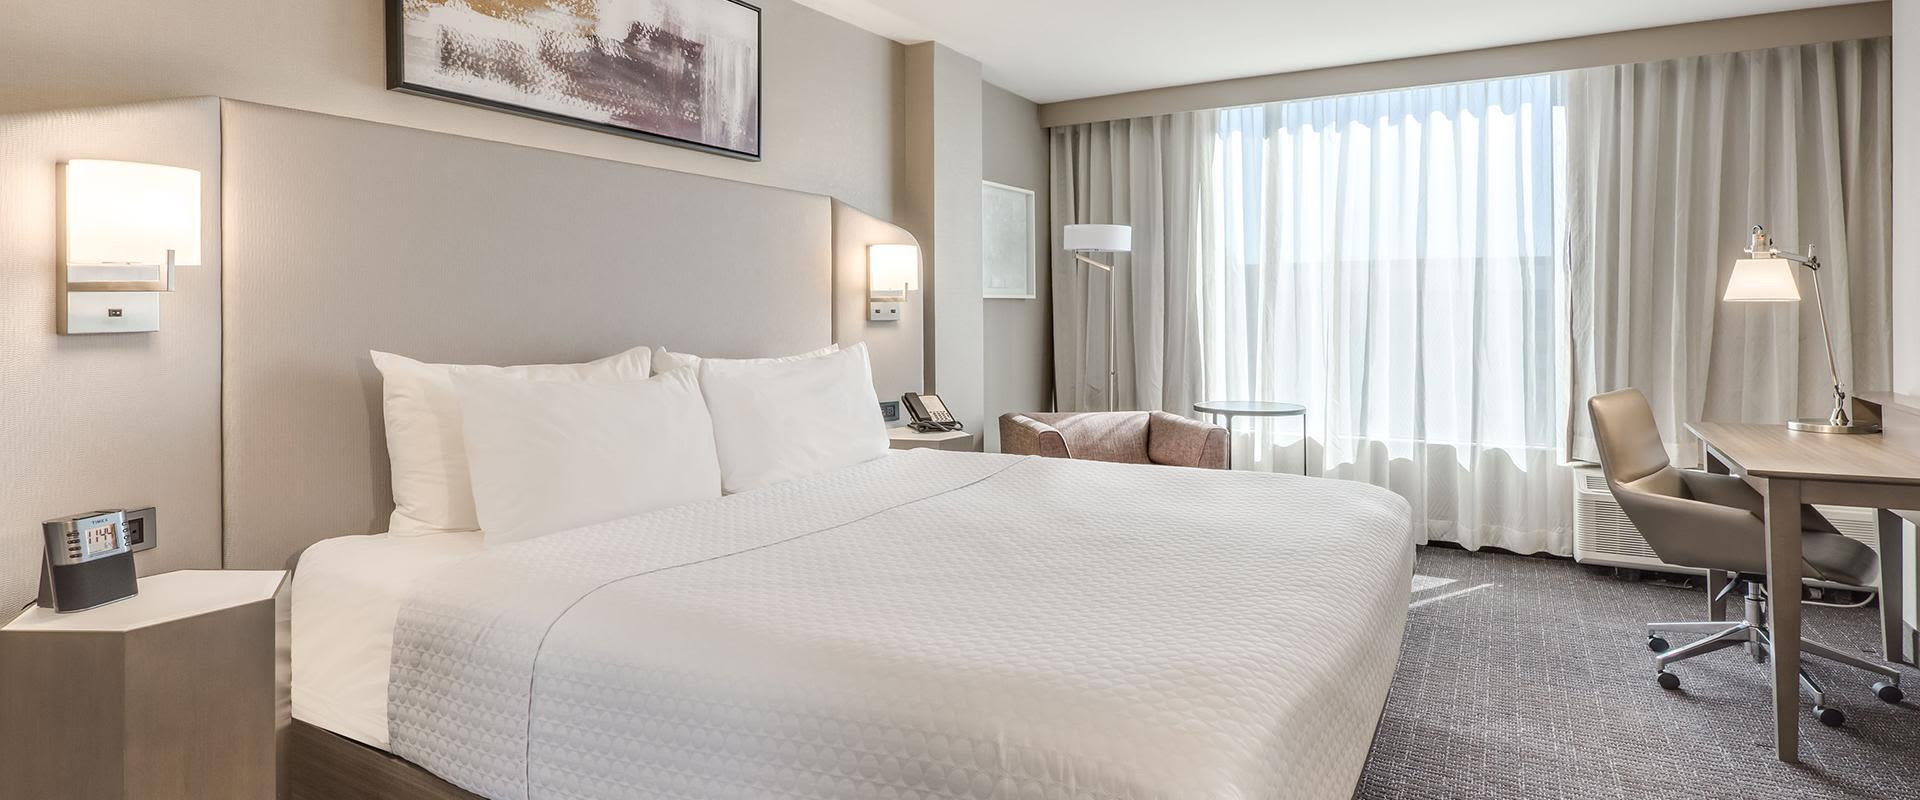 Denver Guest Room King Bed And Desk